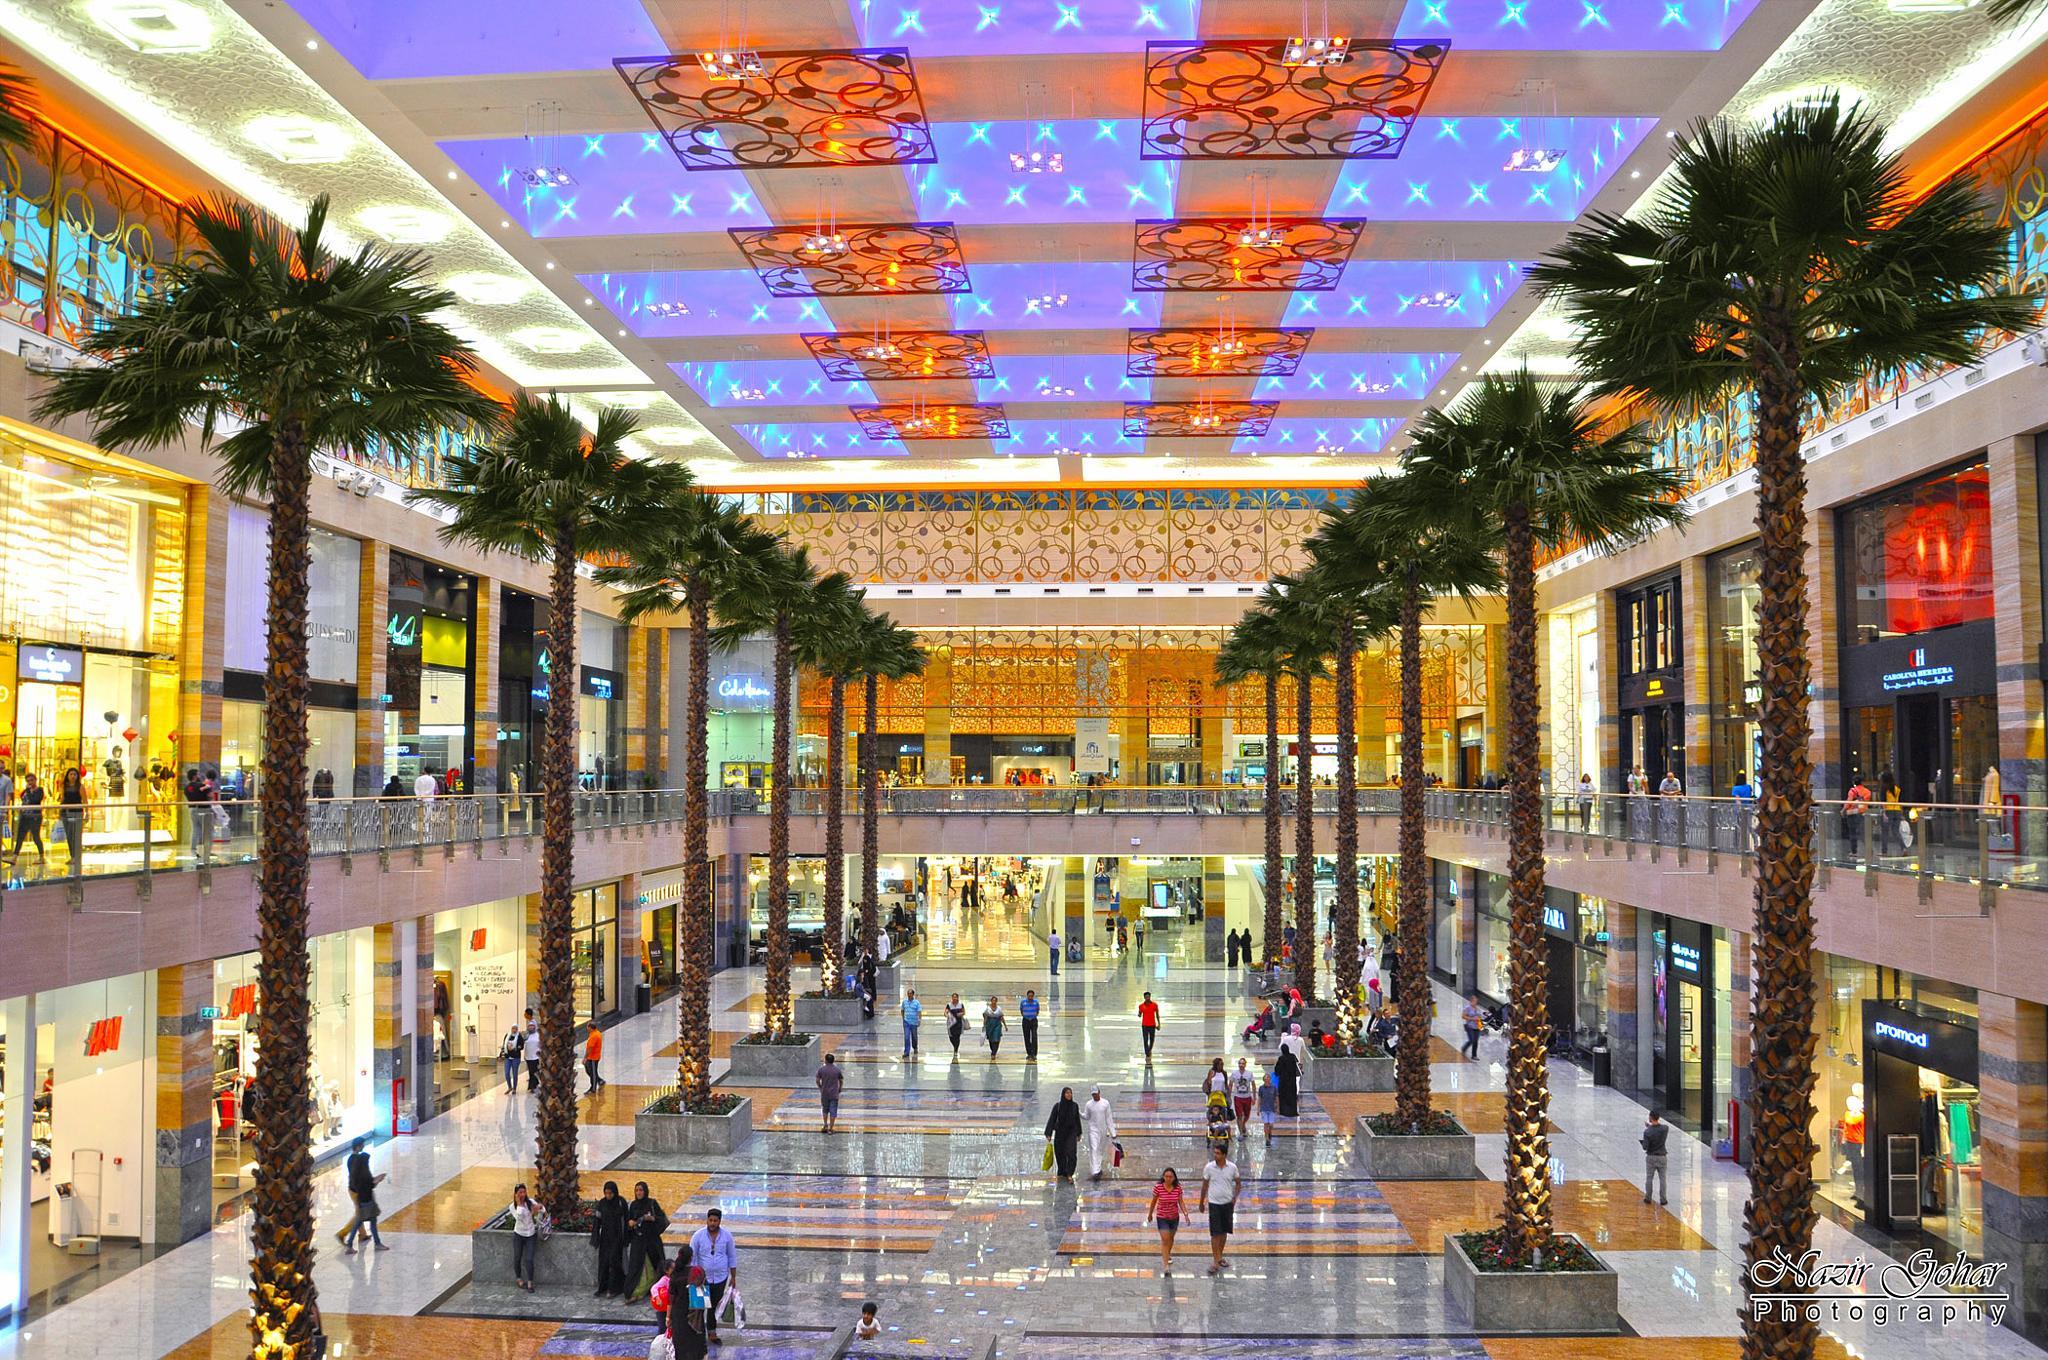 City Centre Mirdif Dubai by Nazir Gohar